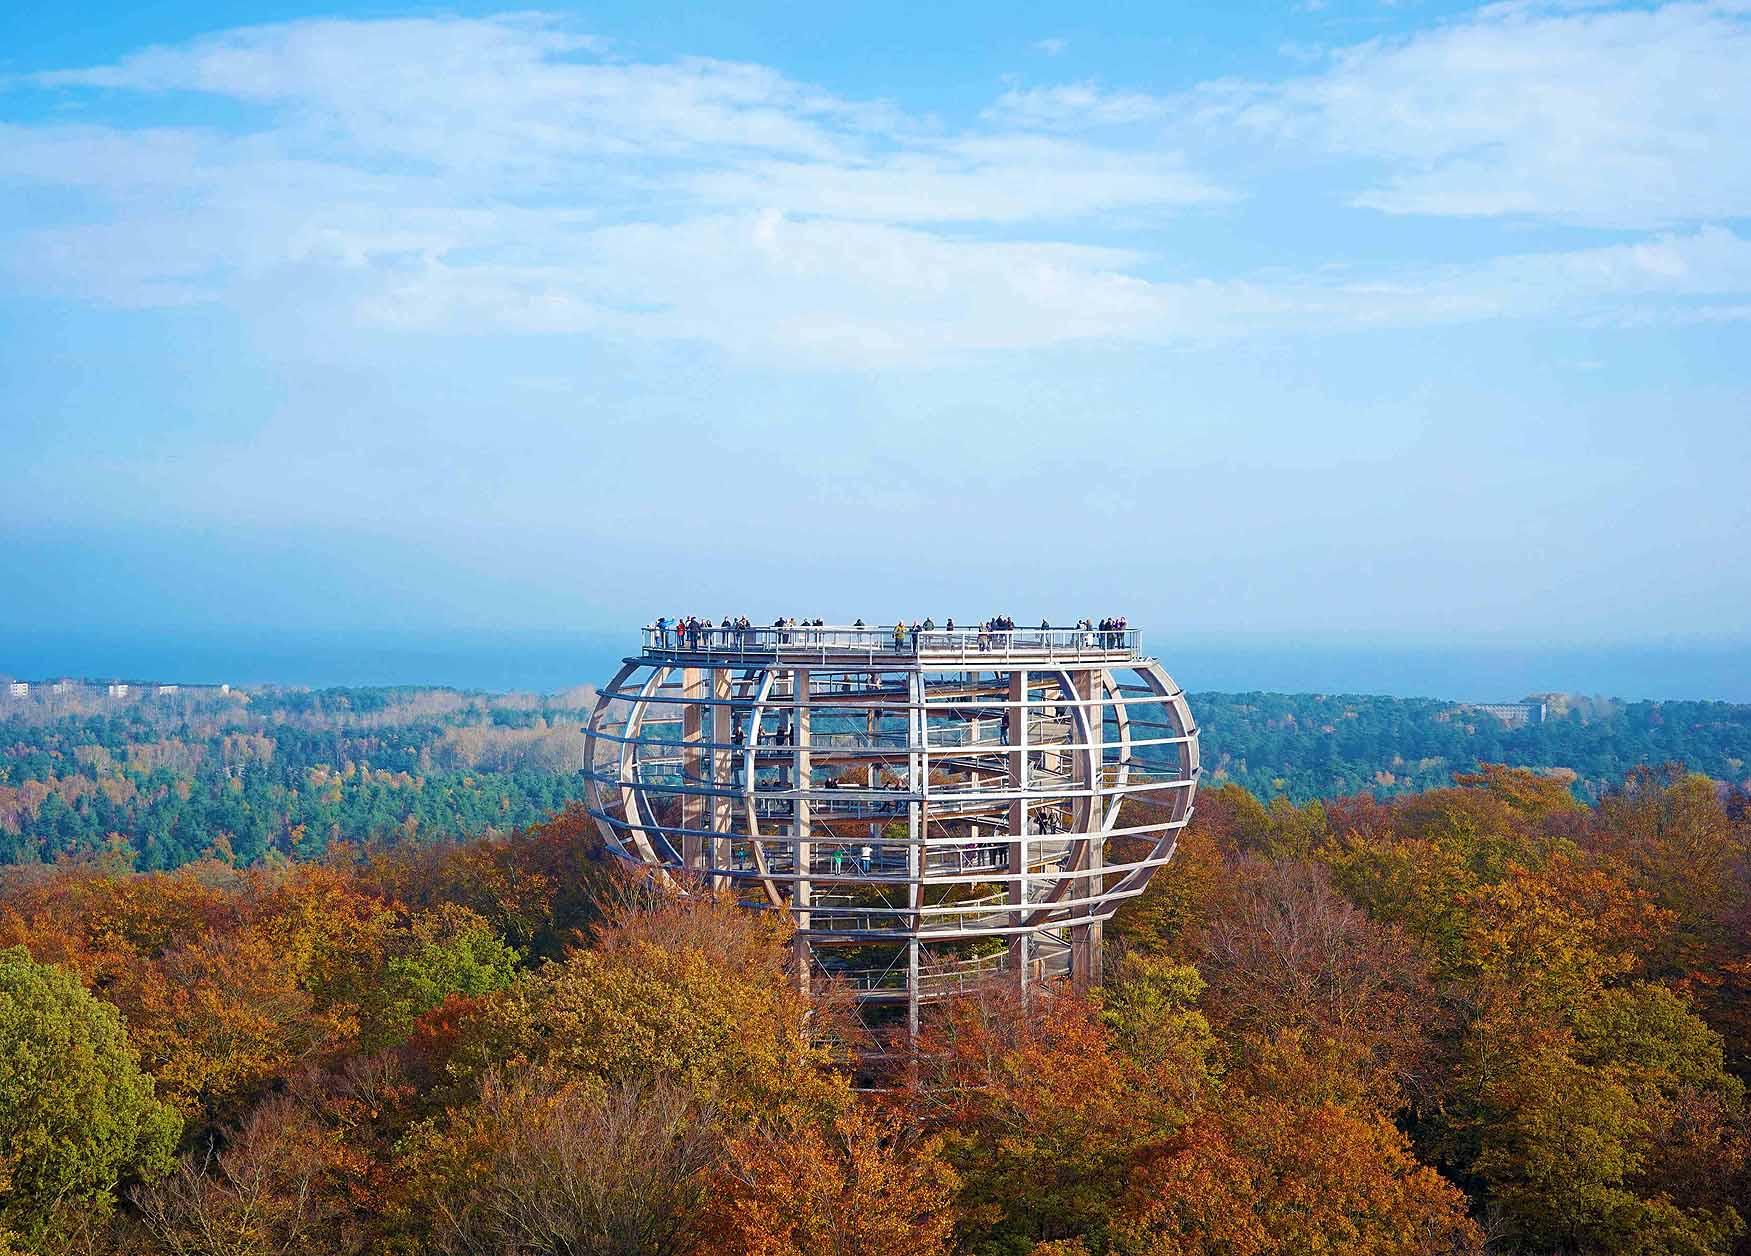 """Baumwipfelpfad: Die Aussichtsplattform """"Adlerhorst"""" bietet einen tollen Ausblick über den bunten Herbstwald. Foto: Naturerbe Zentrum Rügen"""